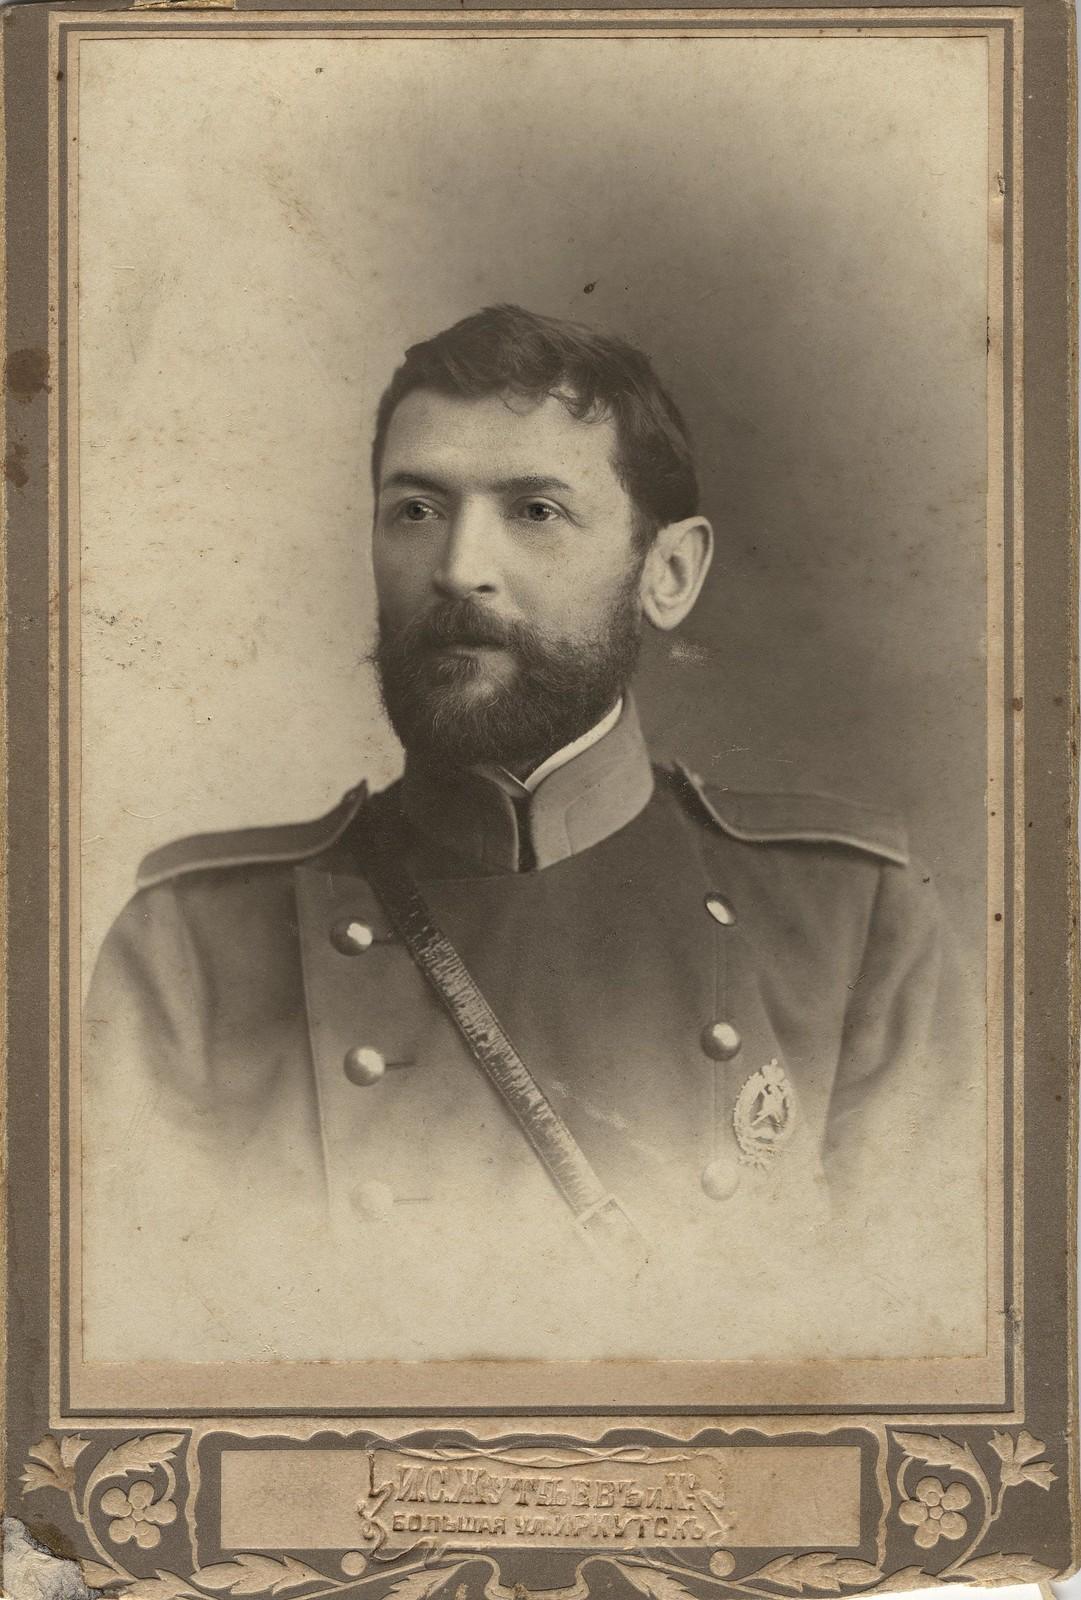 Брандмейстер Вакуленко Измаил Яковлевич в форме пожарного служителя